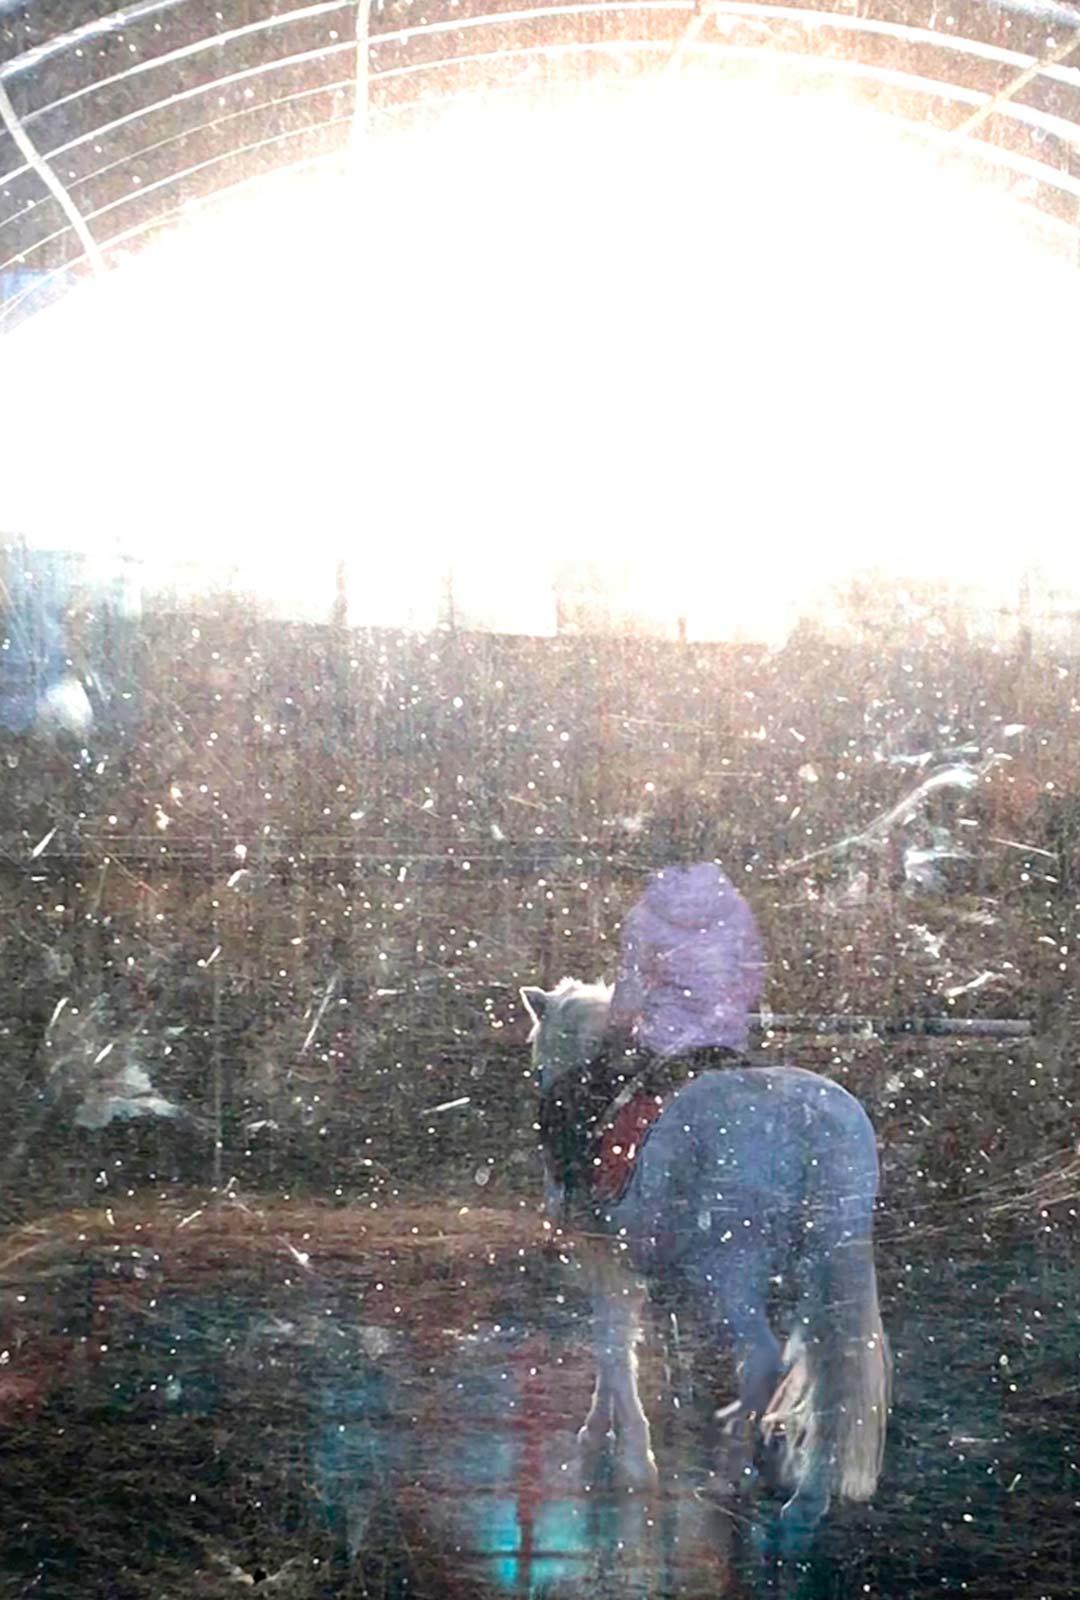 Johanna kuvaa tytärtään Loviisaa ratsastamassa. Taidekuva on otettu maneesin likaisen ikkunan läpi.